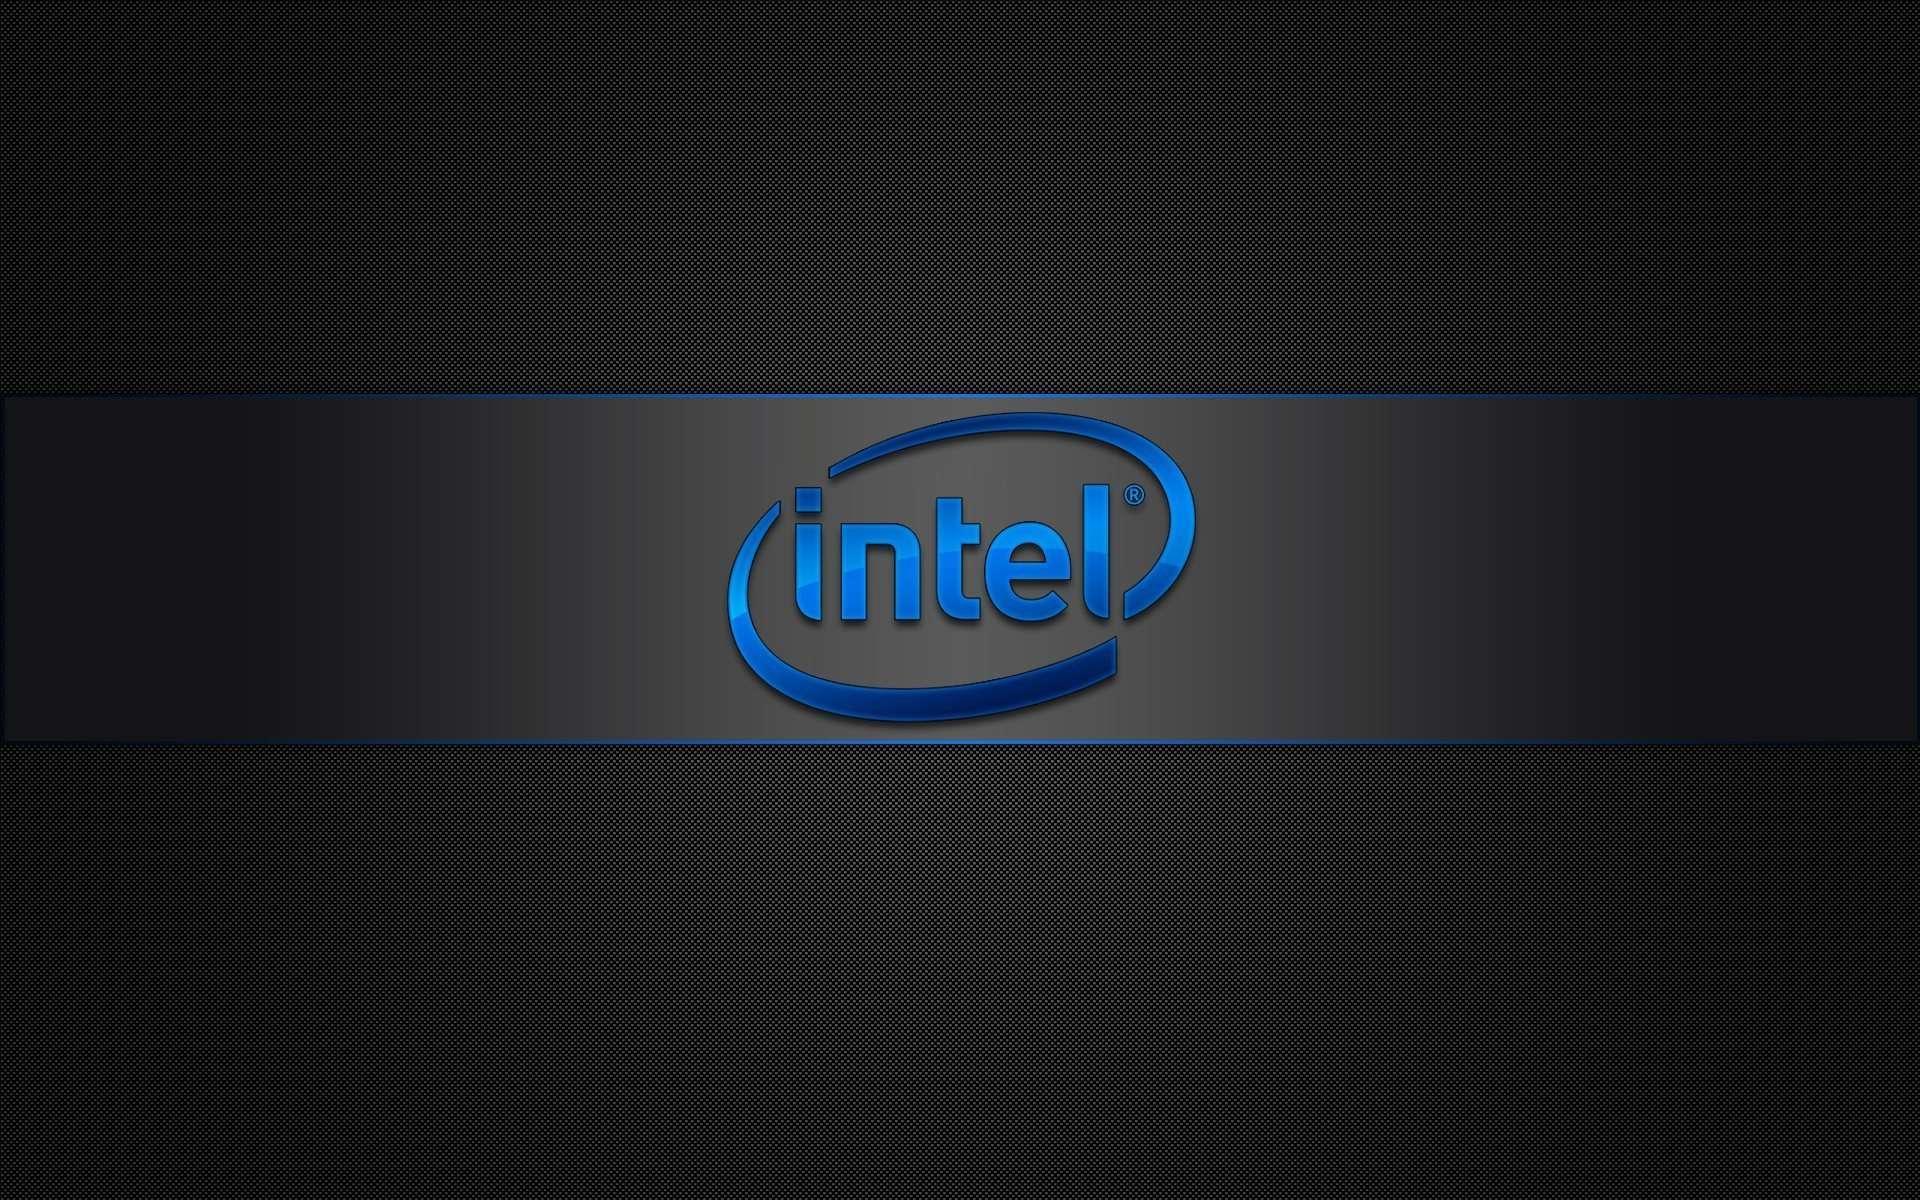 Intel Core I5 Wallpaper Desktop #9486 | Hdwidescreens.com